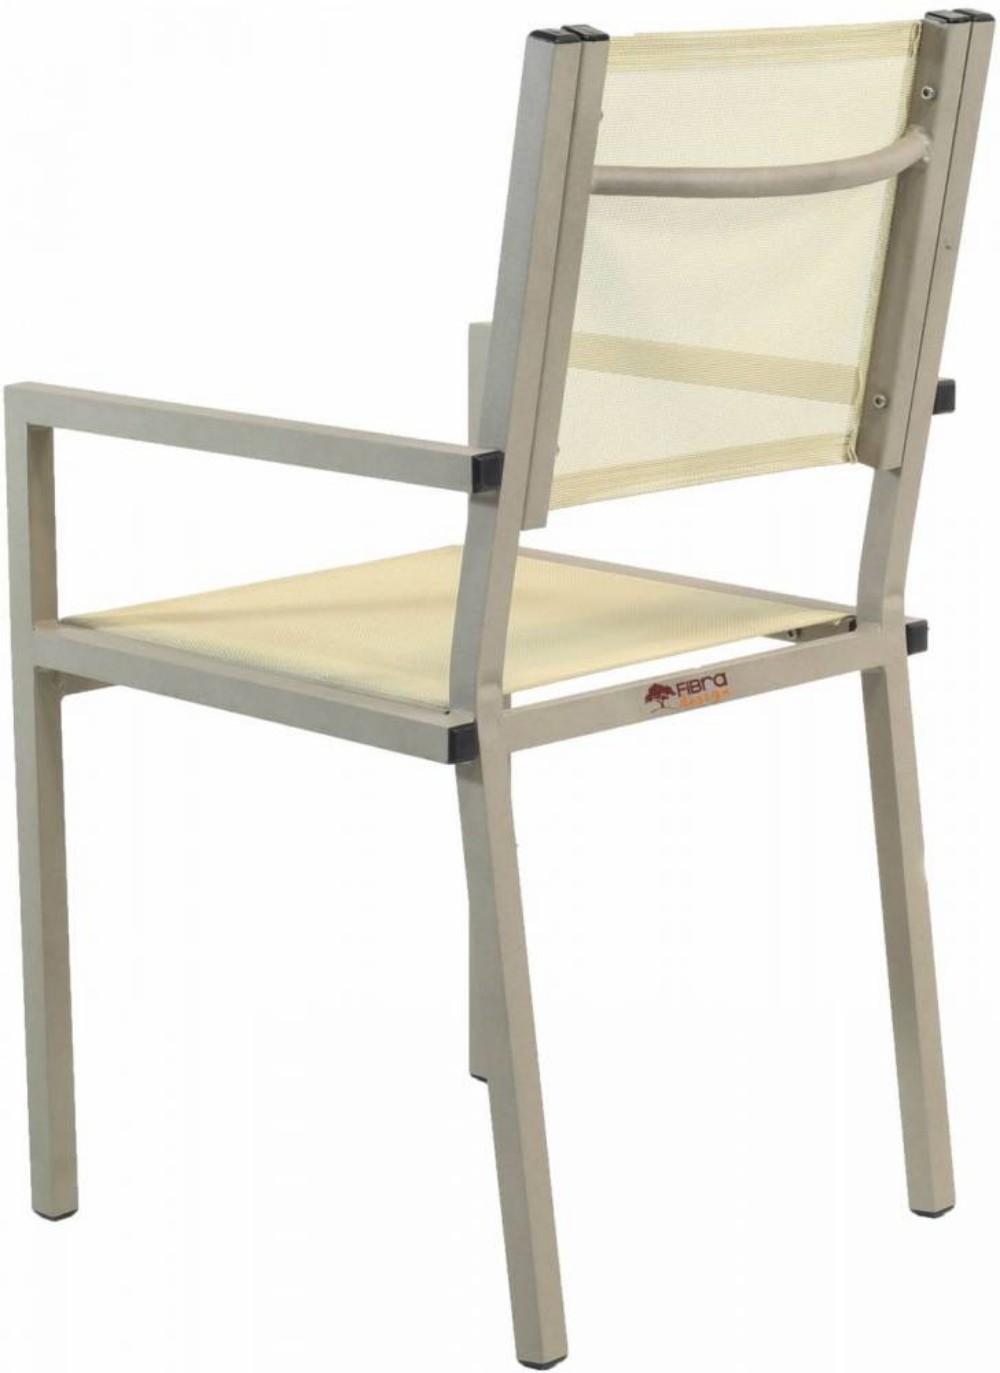 Cadeira de Tela Sling com Braço Modelo França Linha Reta